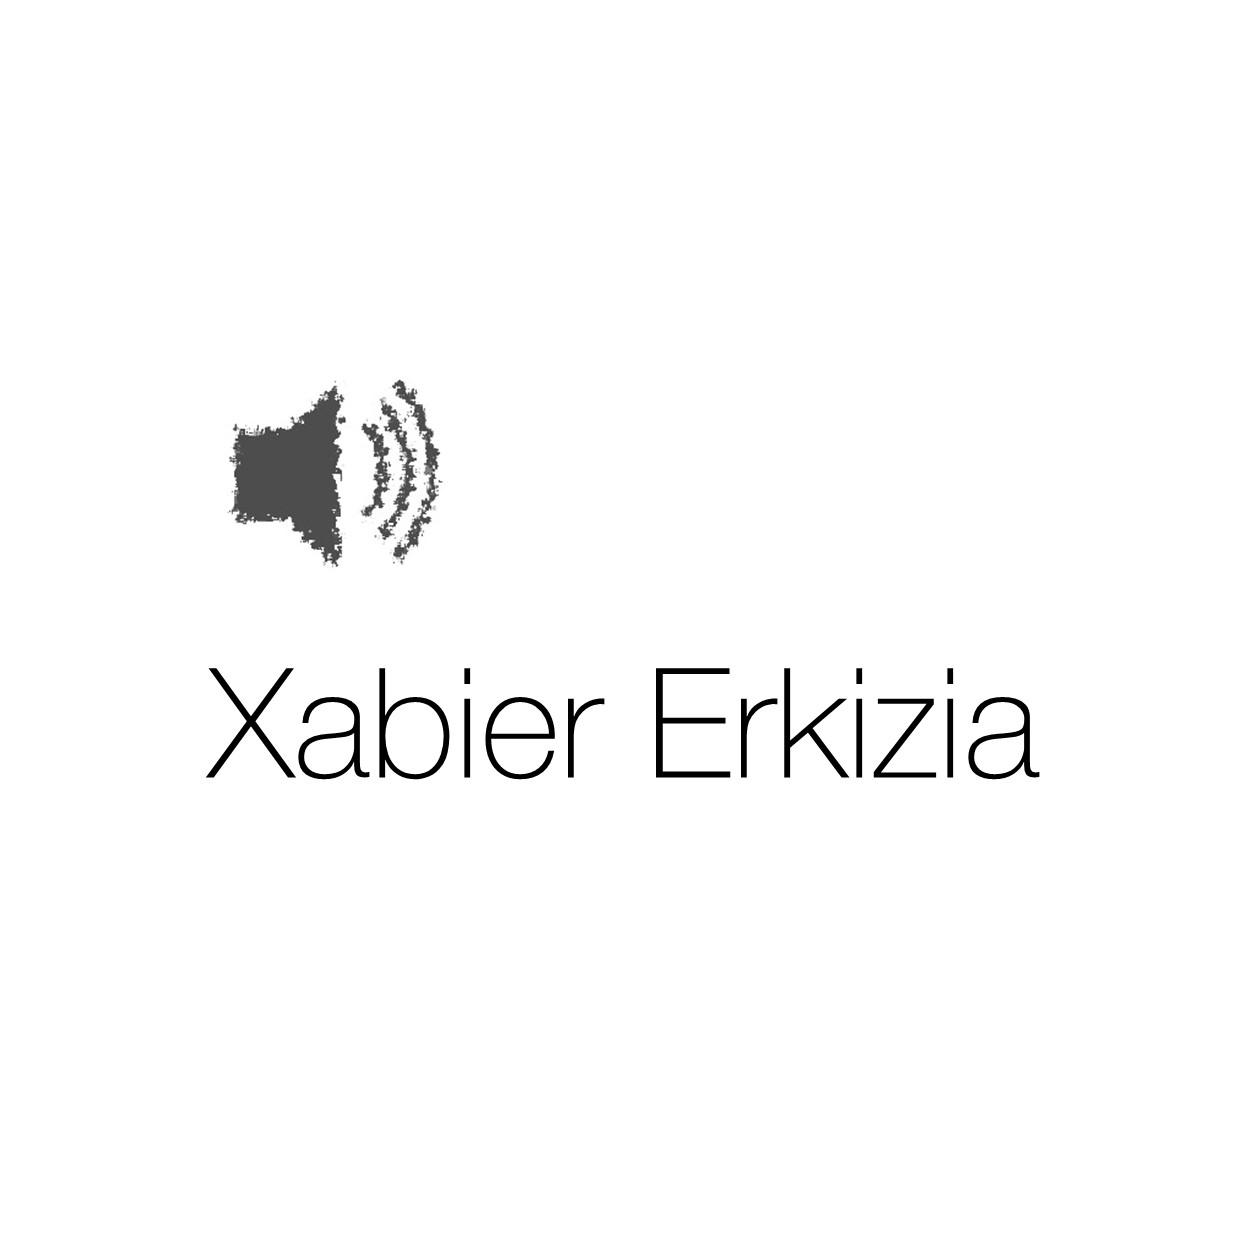 La vida de la chispa (2020) - Xabier Erkizia